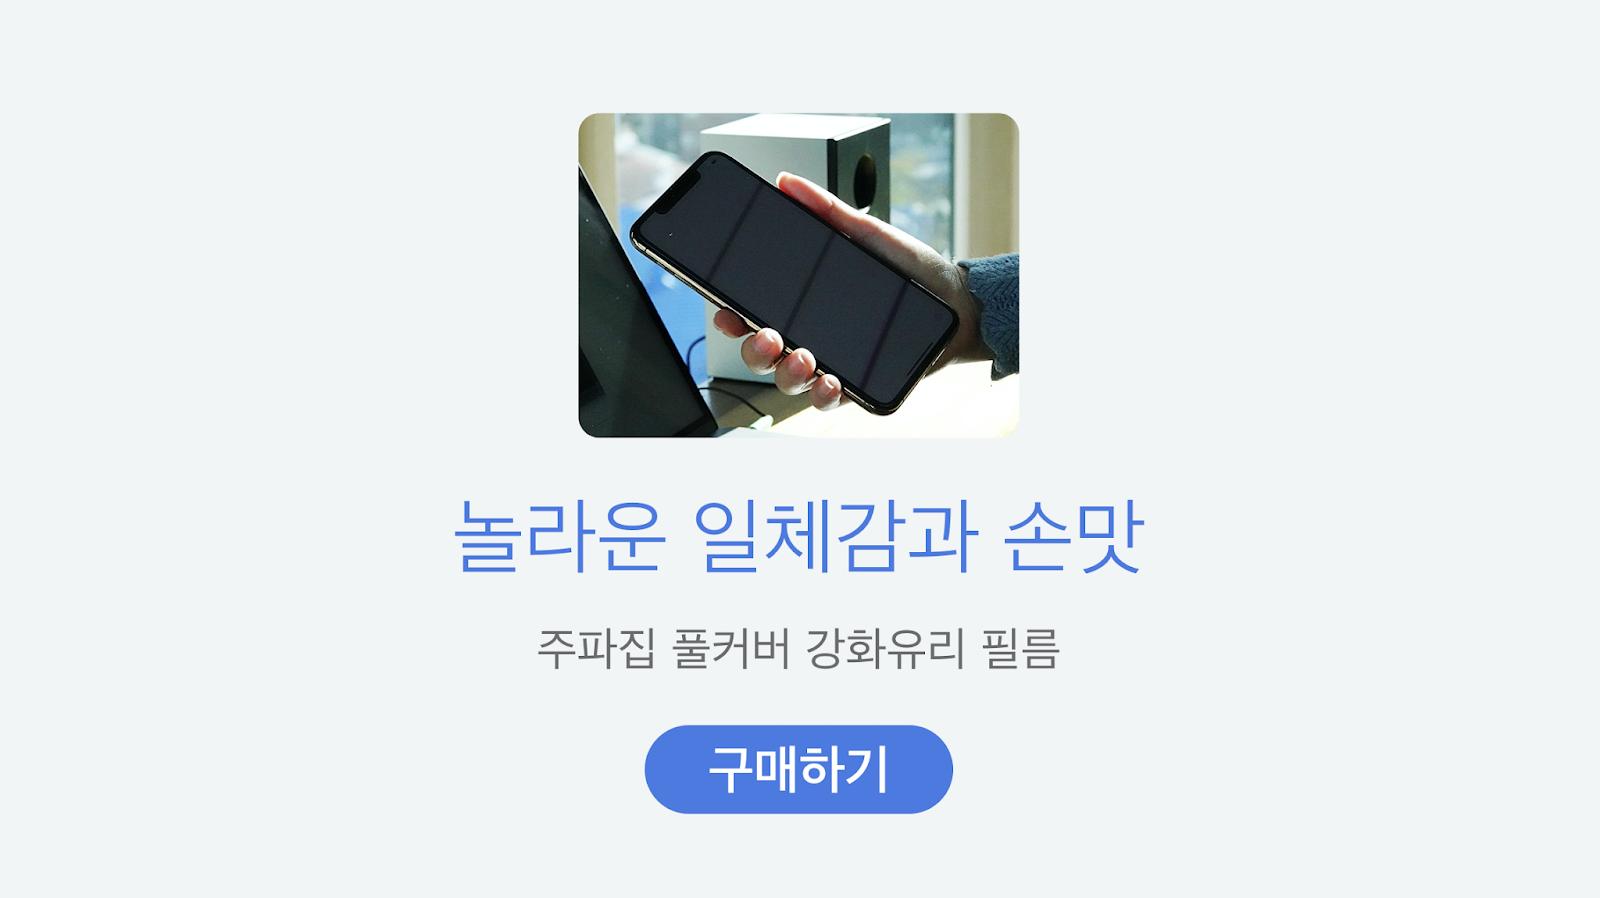 https://smartstore.naver.com/jupazip/products/4704354461